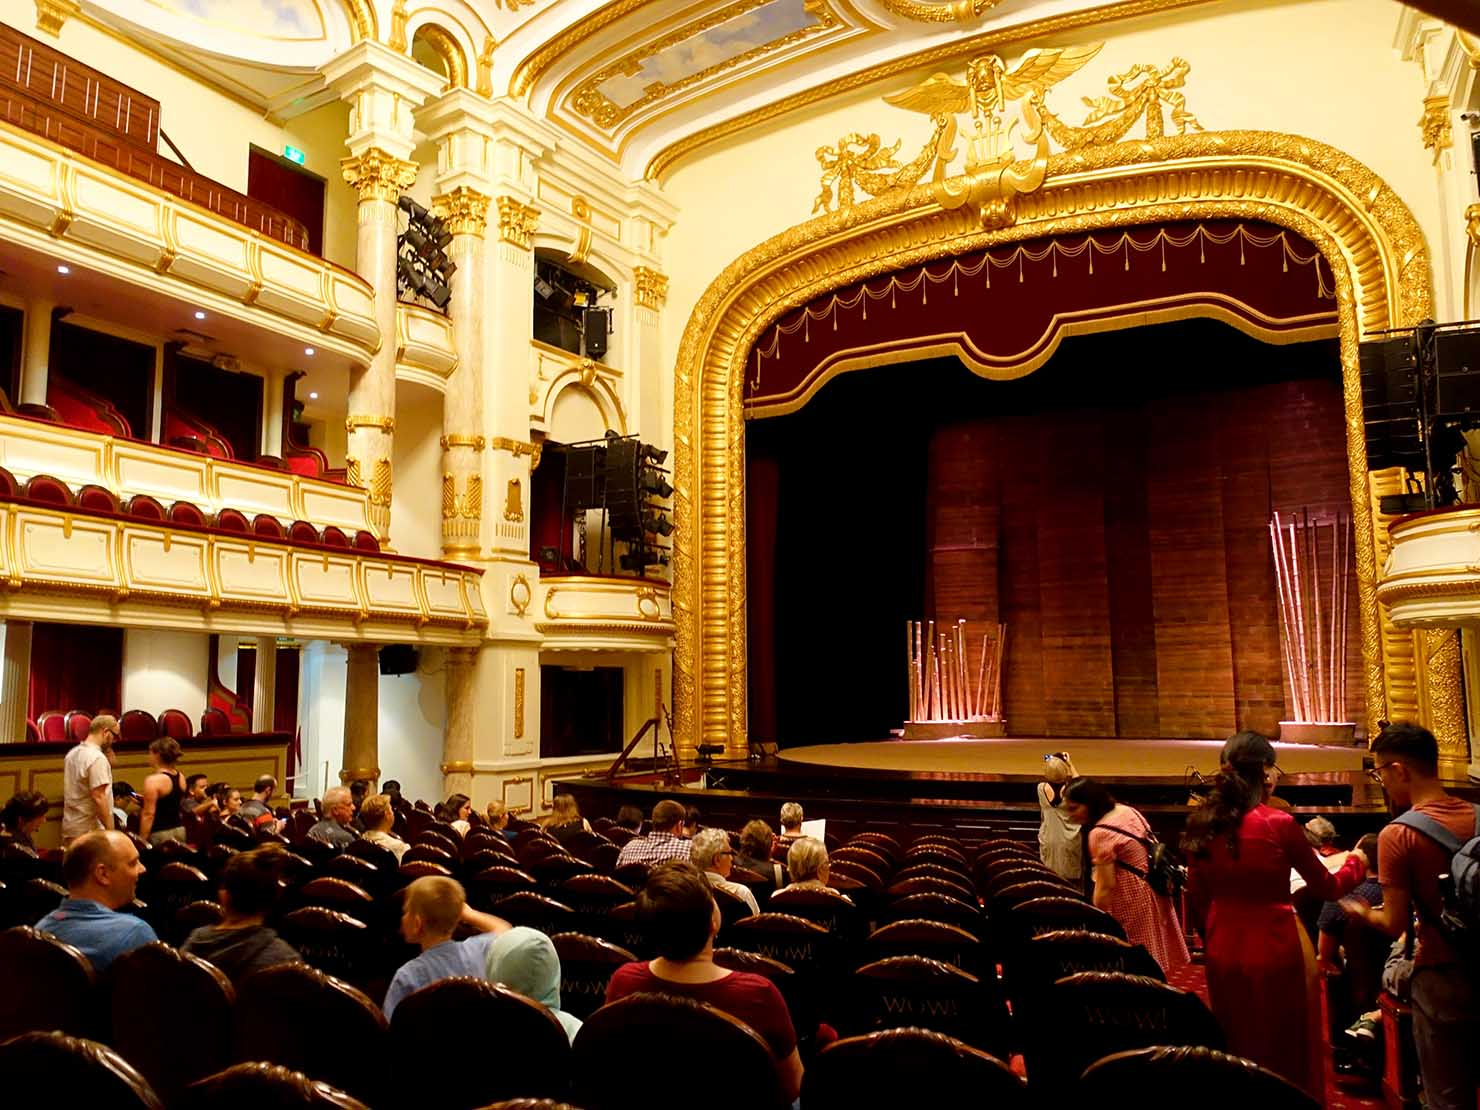 ベトナム・ハノイ旧市街の観光スポット「オペラハウス」のホール